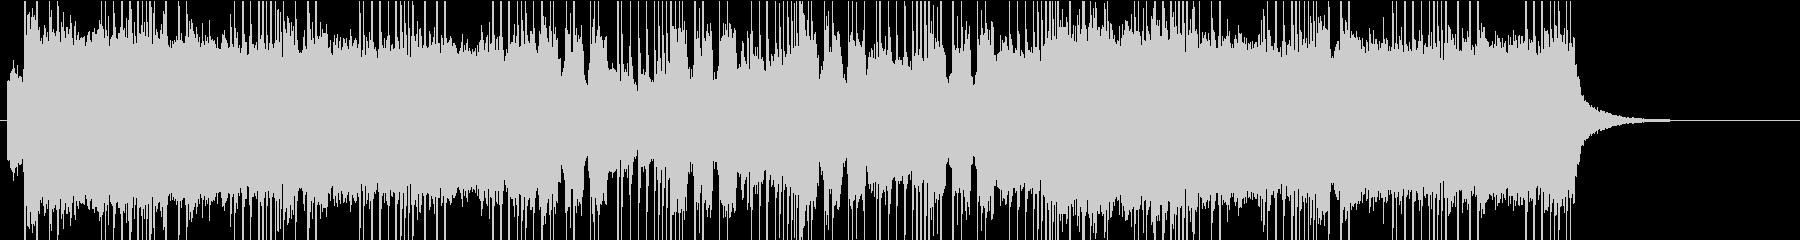 怒りのメタル風BGM1の未再生の波形